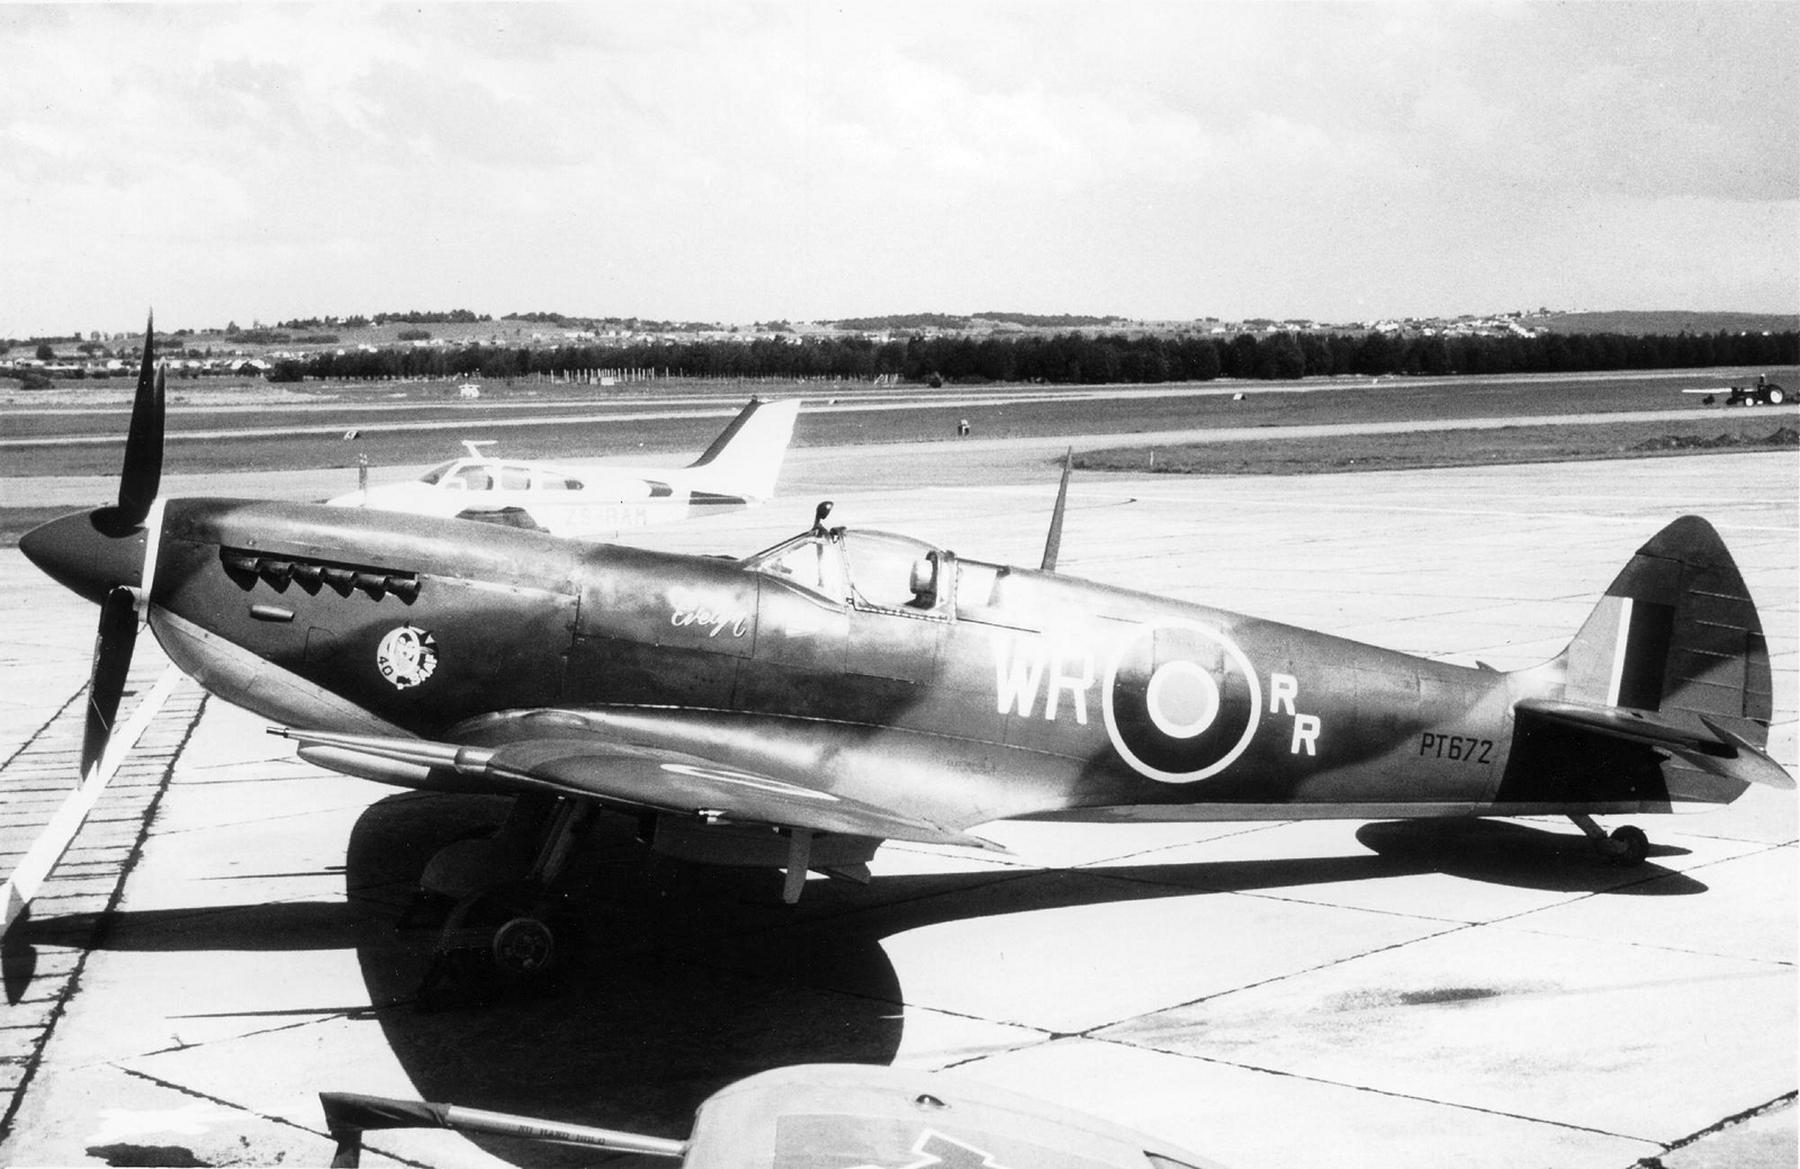 Spitfire LFIX SAAF 40Sqn WR RR LtCol Bob Rogers PT672 Italy 1943 02